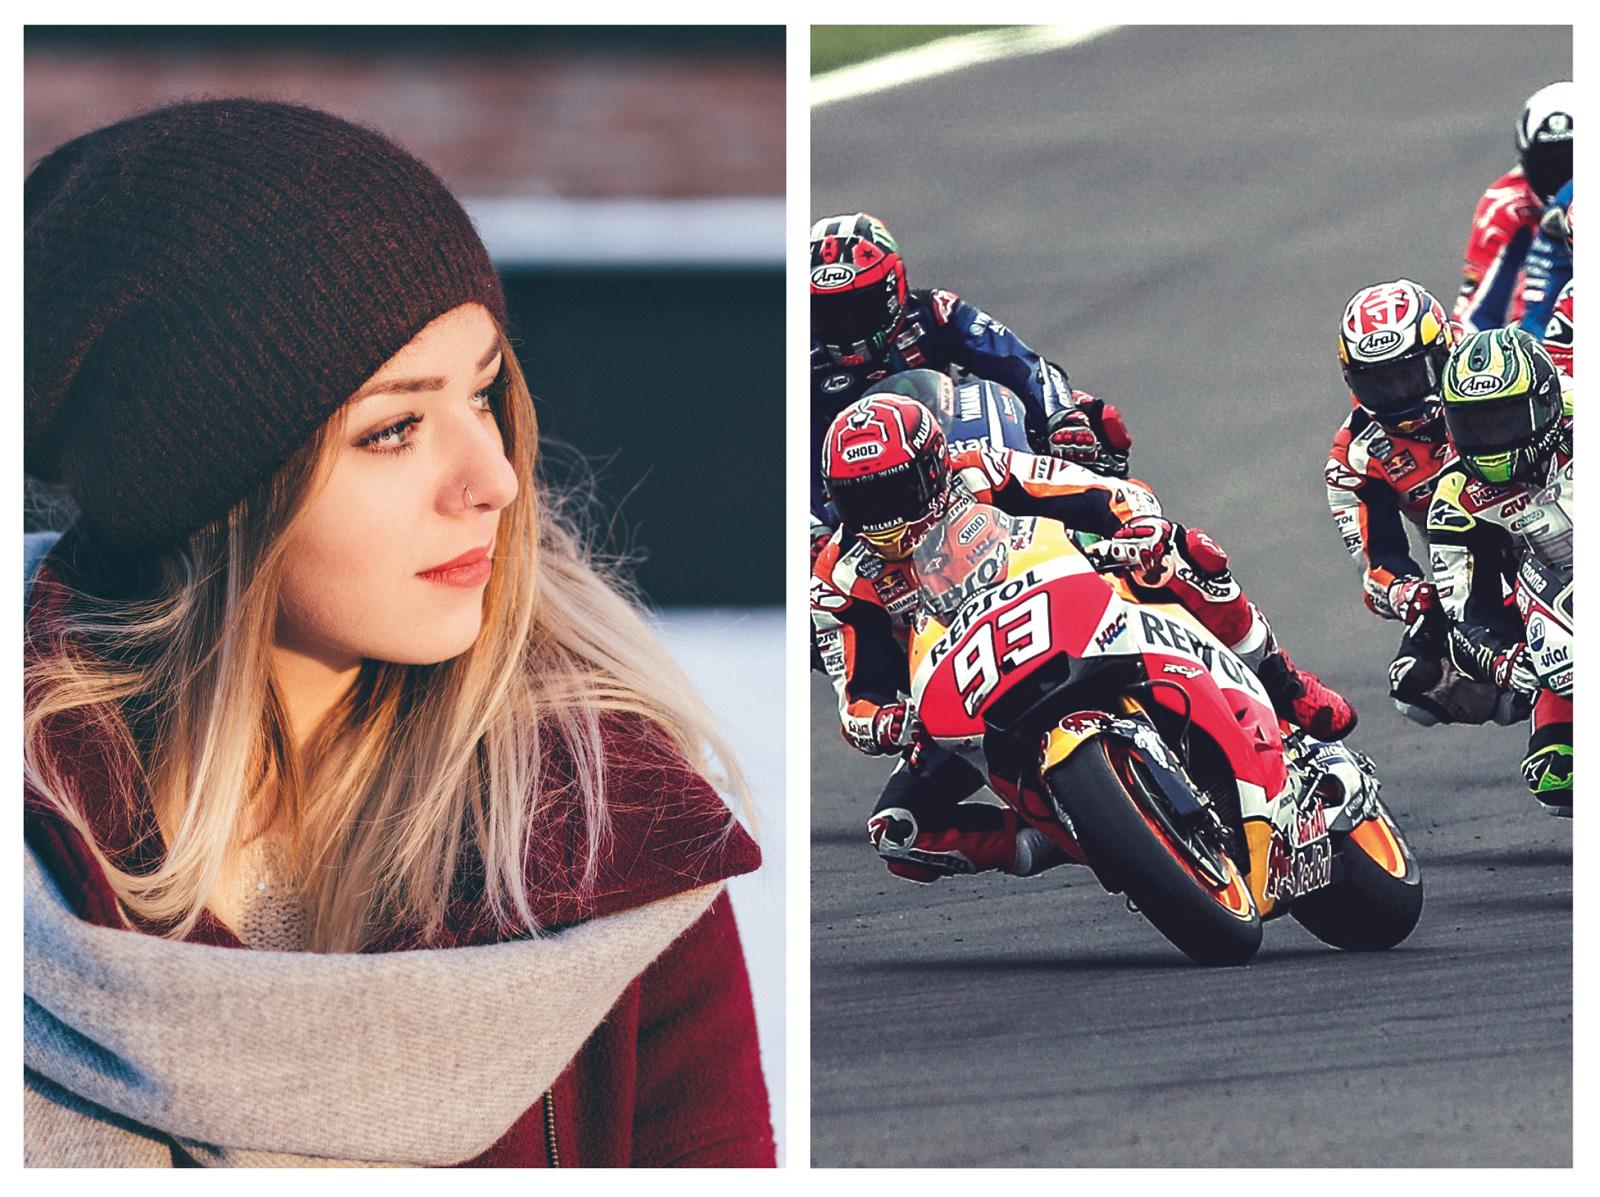 motogp_sponsorship_2017